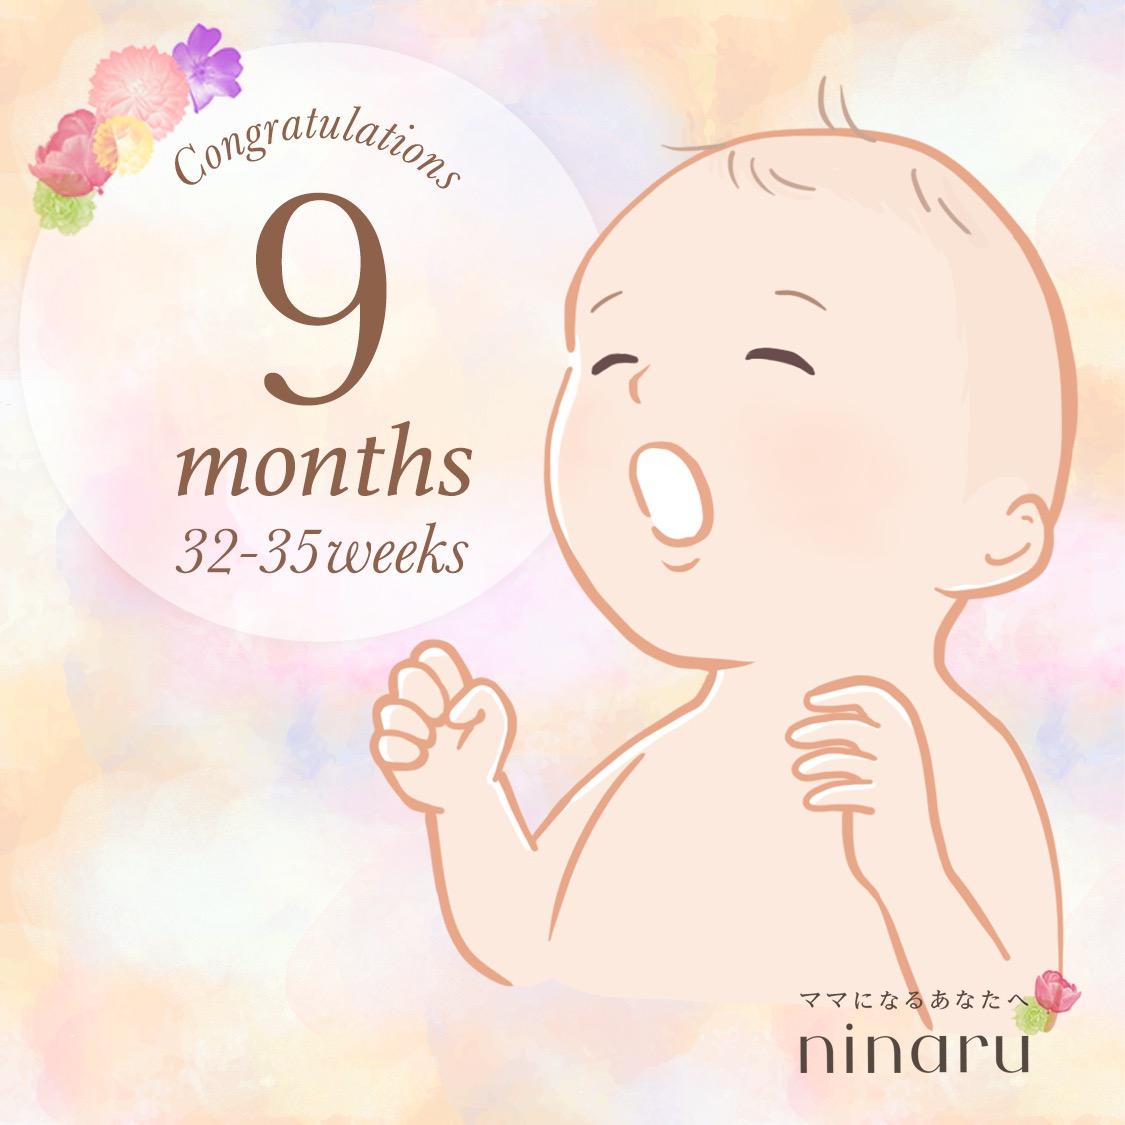 妊娠9ヶ月に突入しました!そして、もしかして後期づわり?